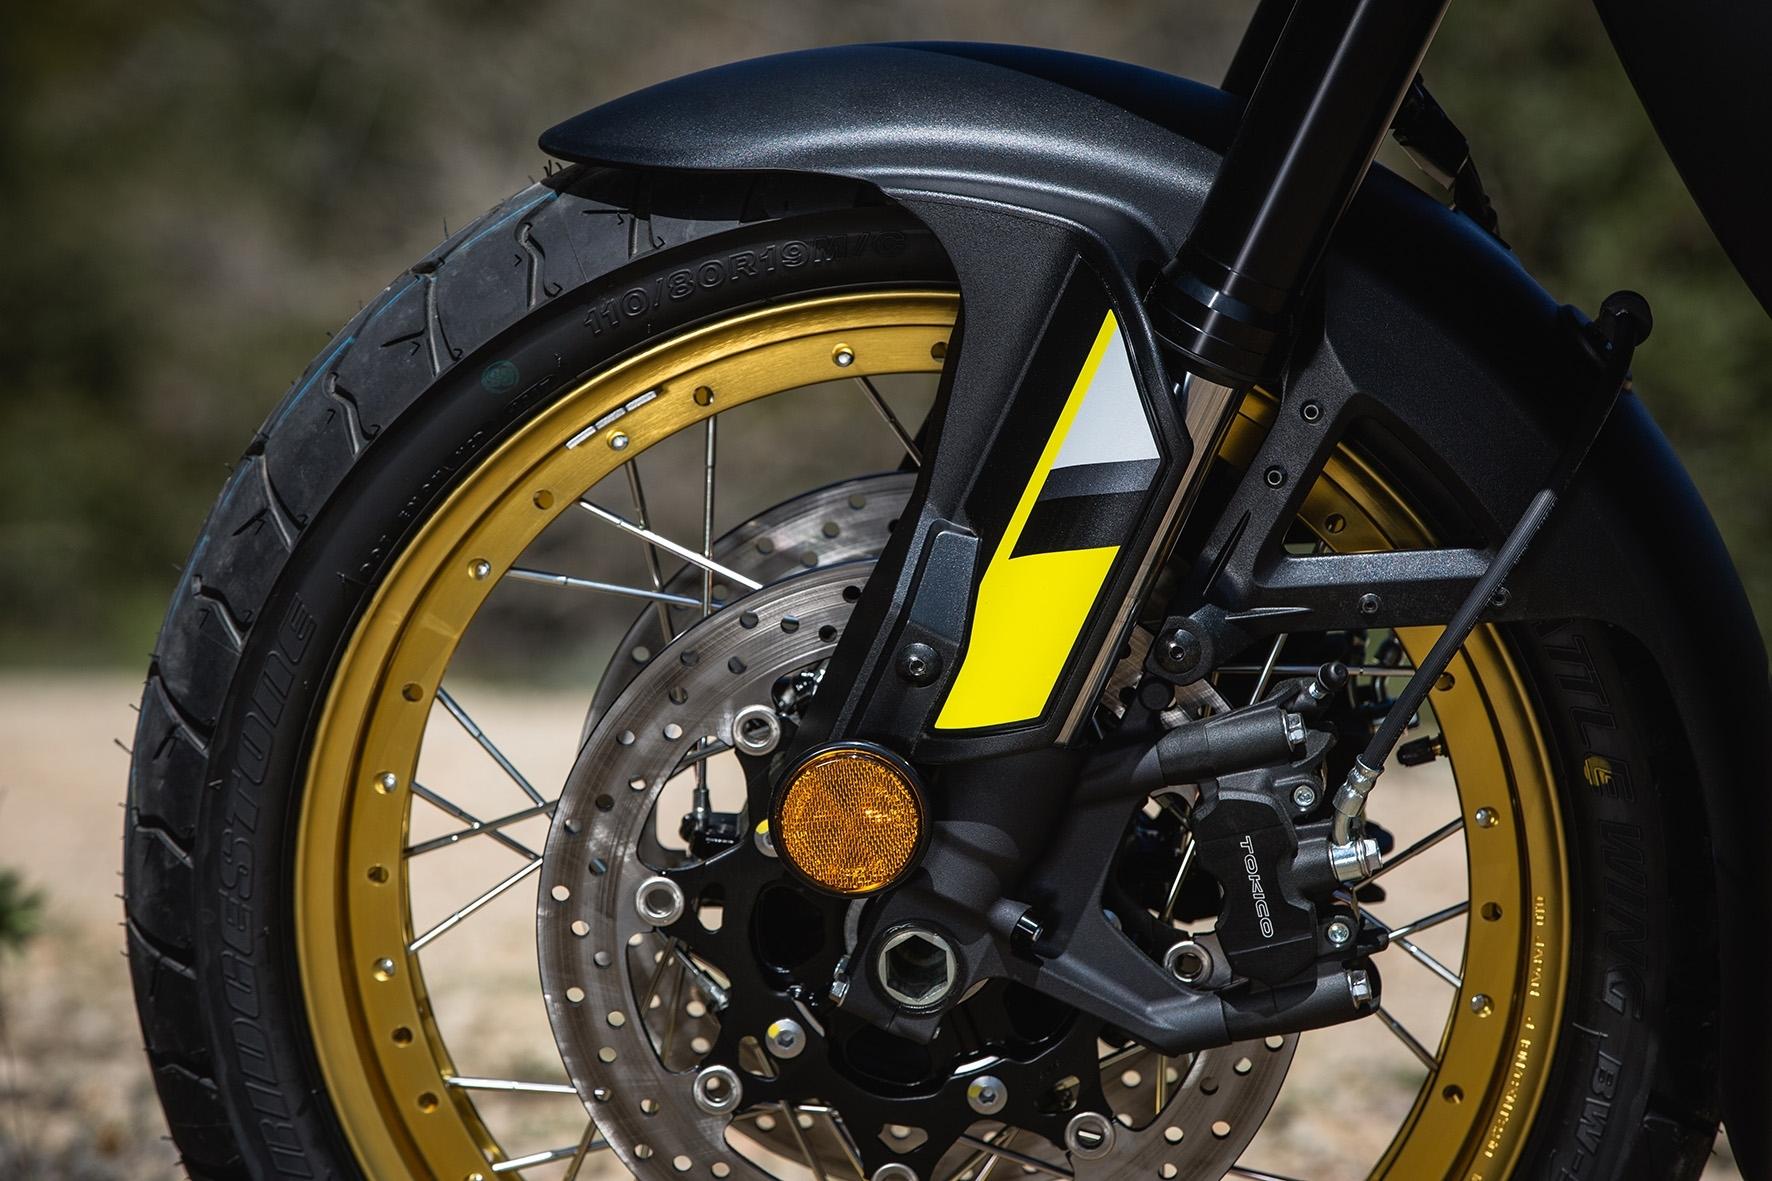 Roda dianteira de 19 polegadas com pneu sem câmara é atração na Suzuki V-Strom